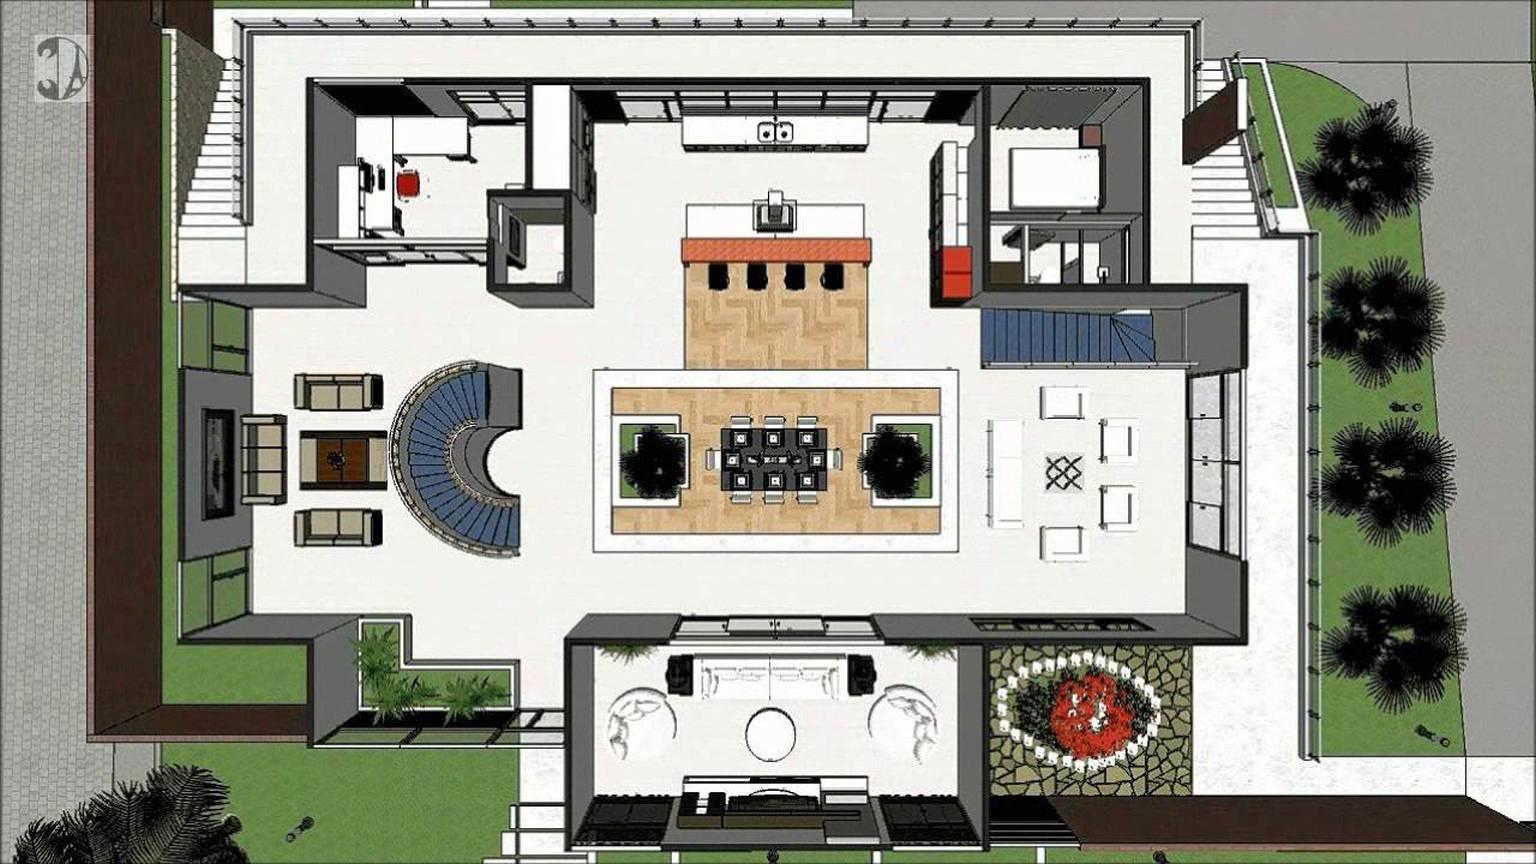 70 Desain Rumah Minimalis Ala Eropa Desain Rumah Minimalis Terbaru